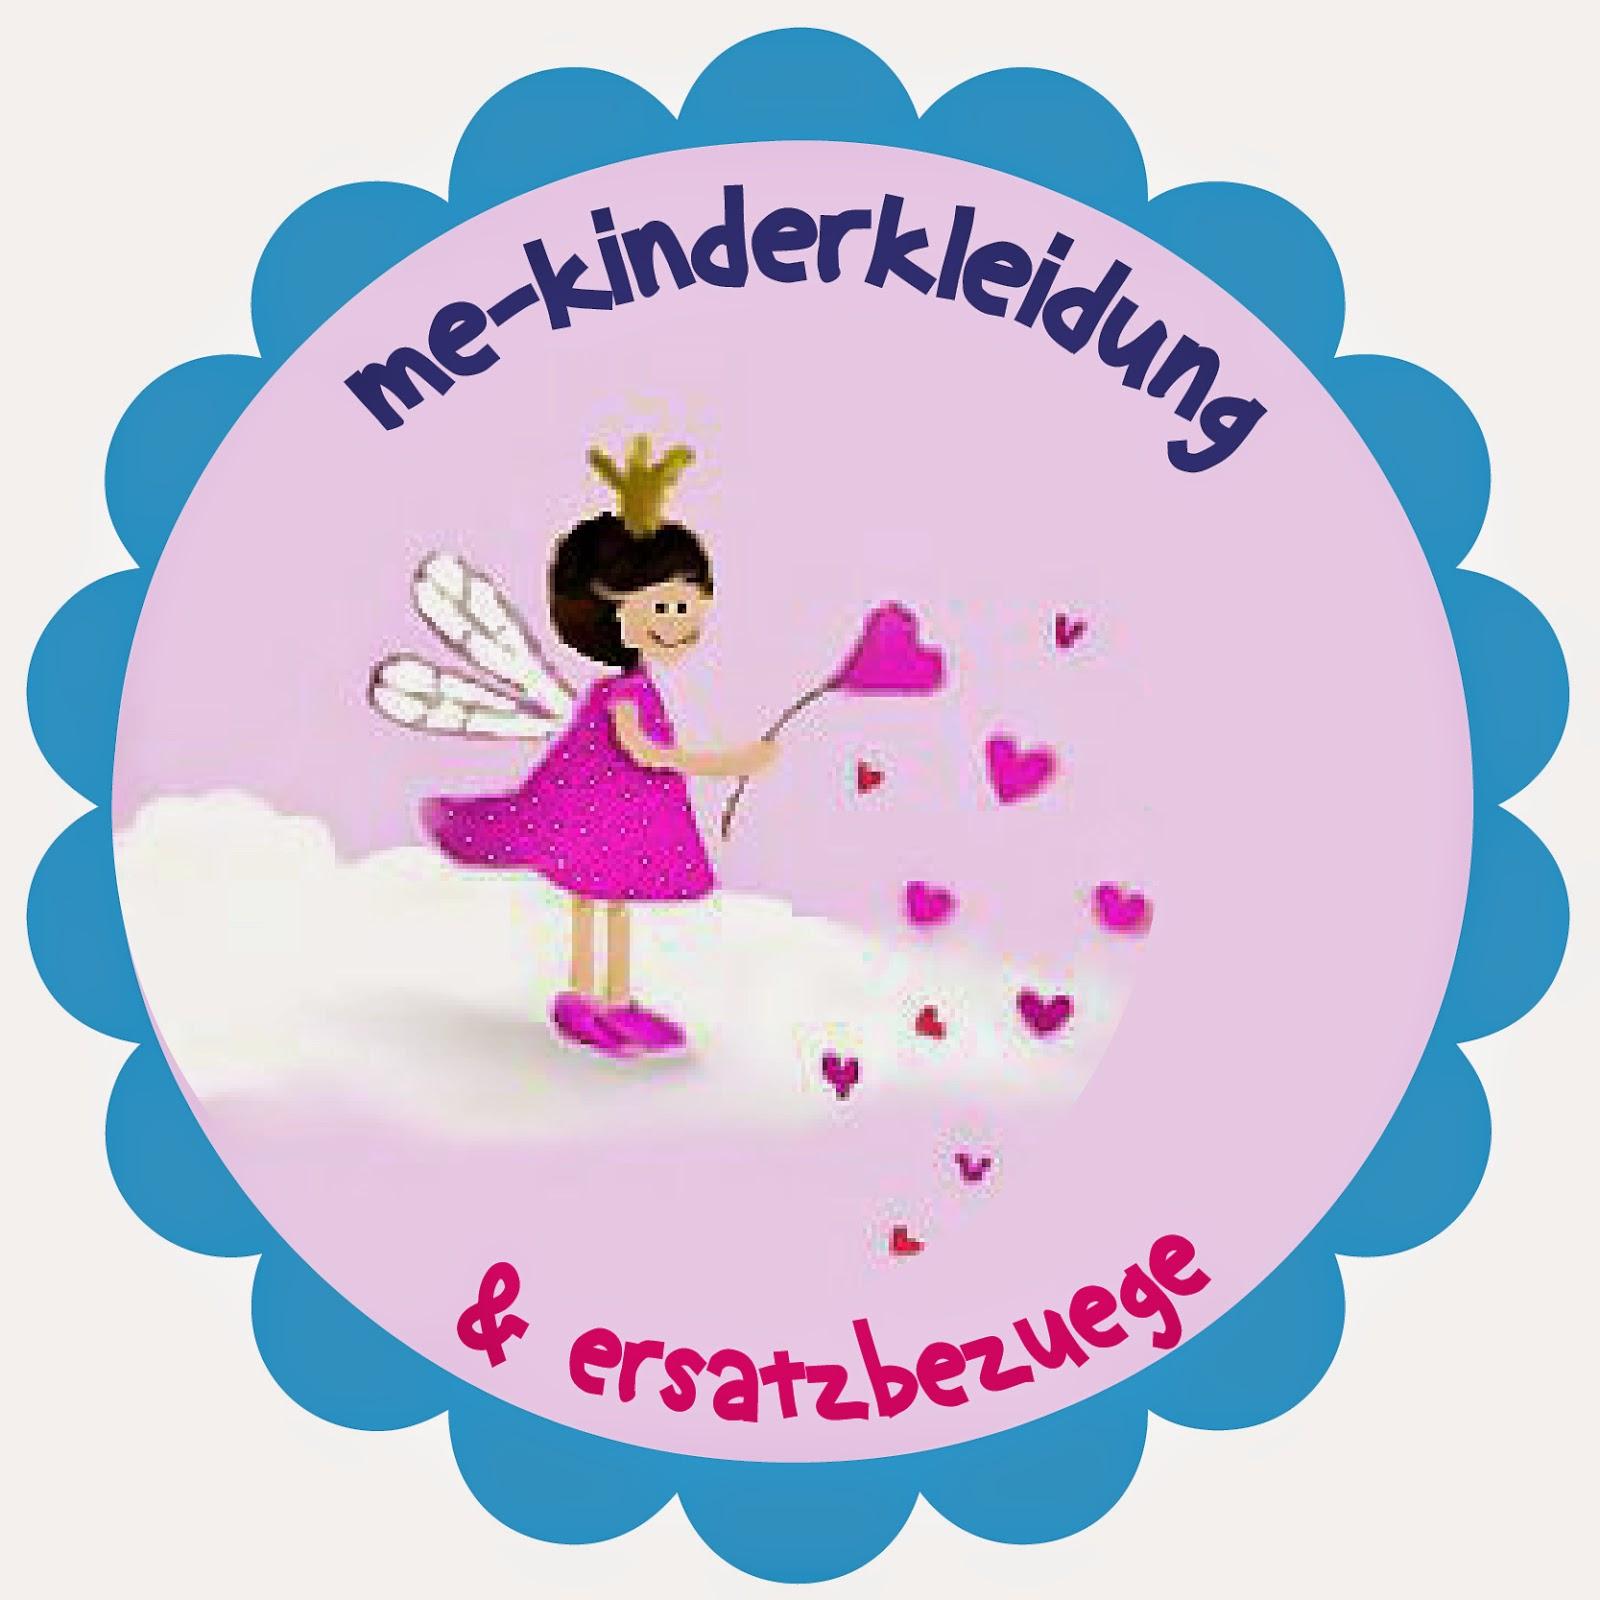 Me-kinderkleidung-und-ersatzbezuege